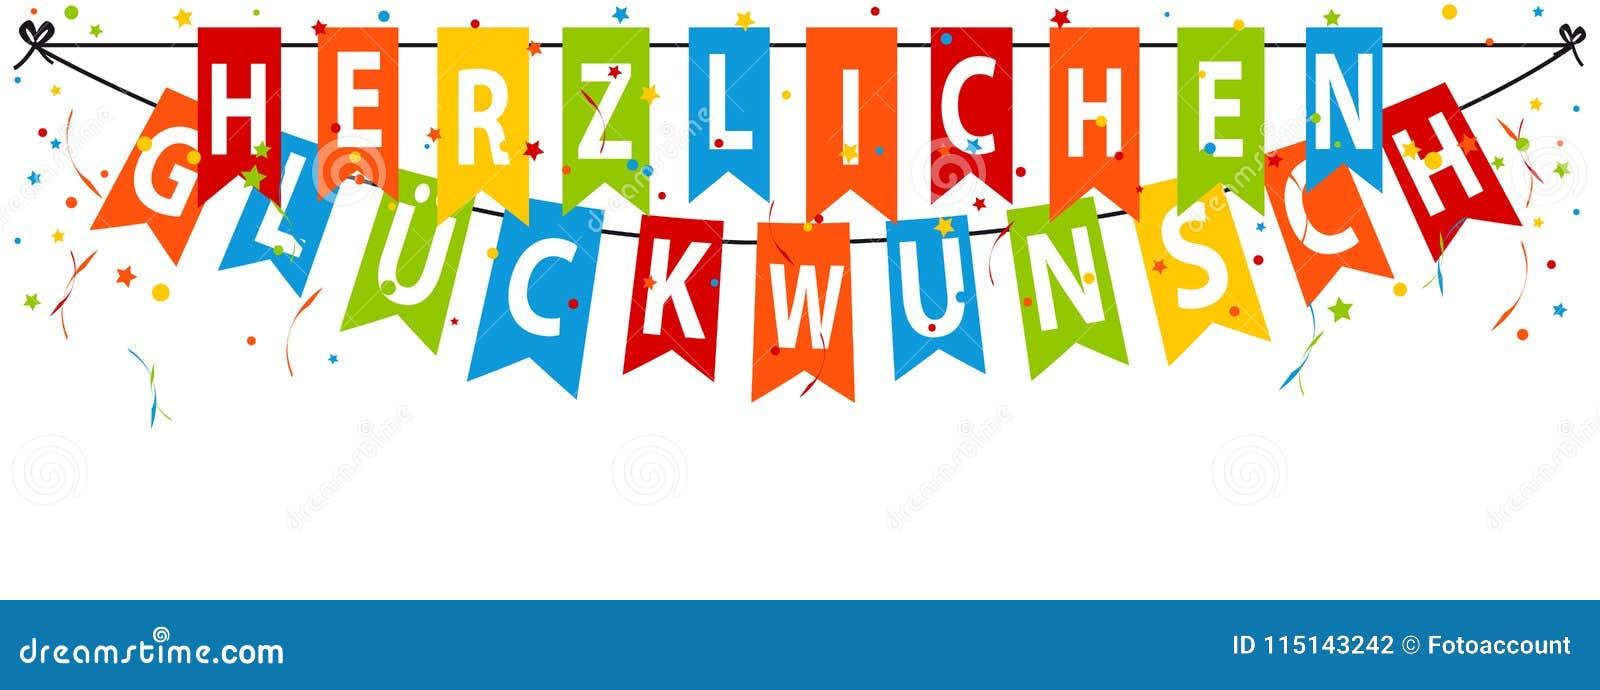 german party banner herzlichen glckwunsch translation happy birthday